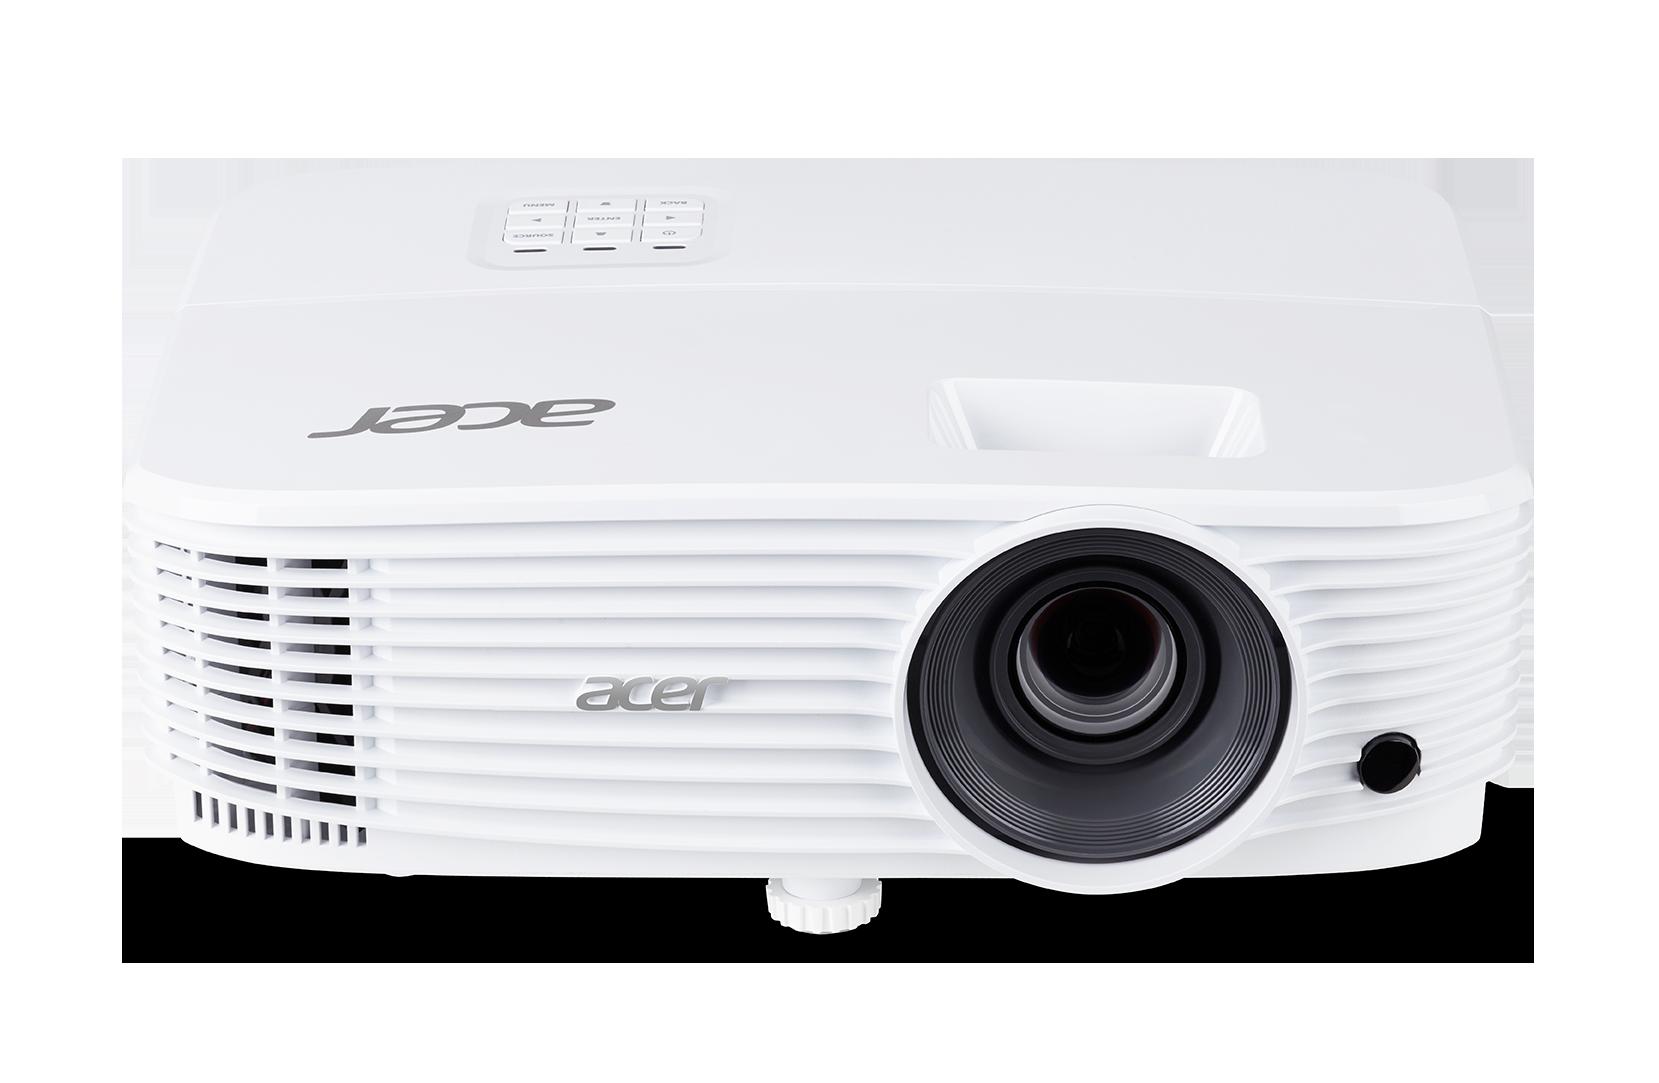 Acer P1250B DLP 3D/ XGA 1024x768 /3600 ANSI /20 000:1/VGA, 2xHDMI, RJ45/2,25Kg